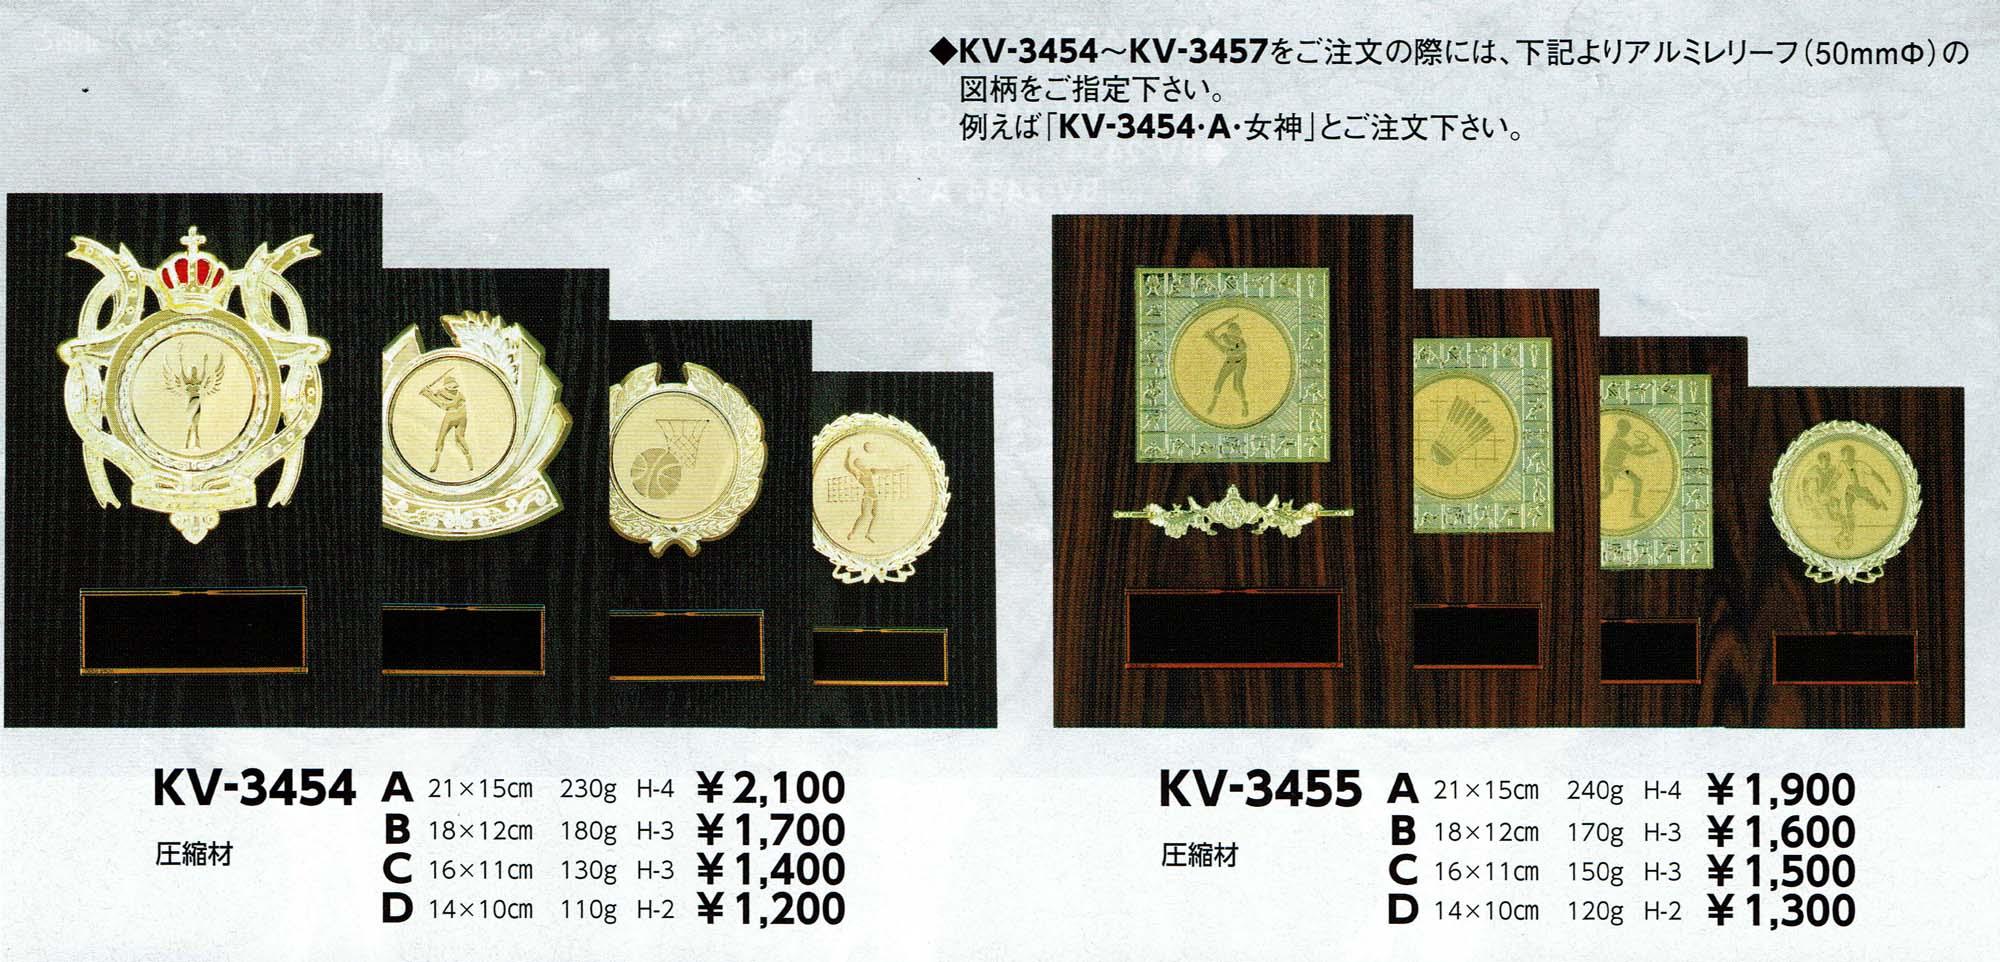 KV3454、KV3455